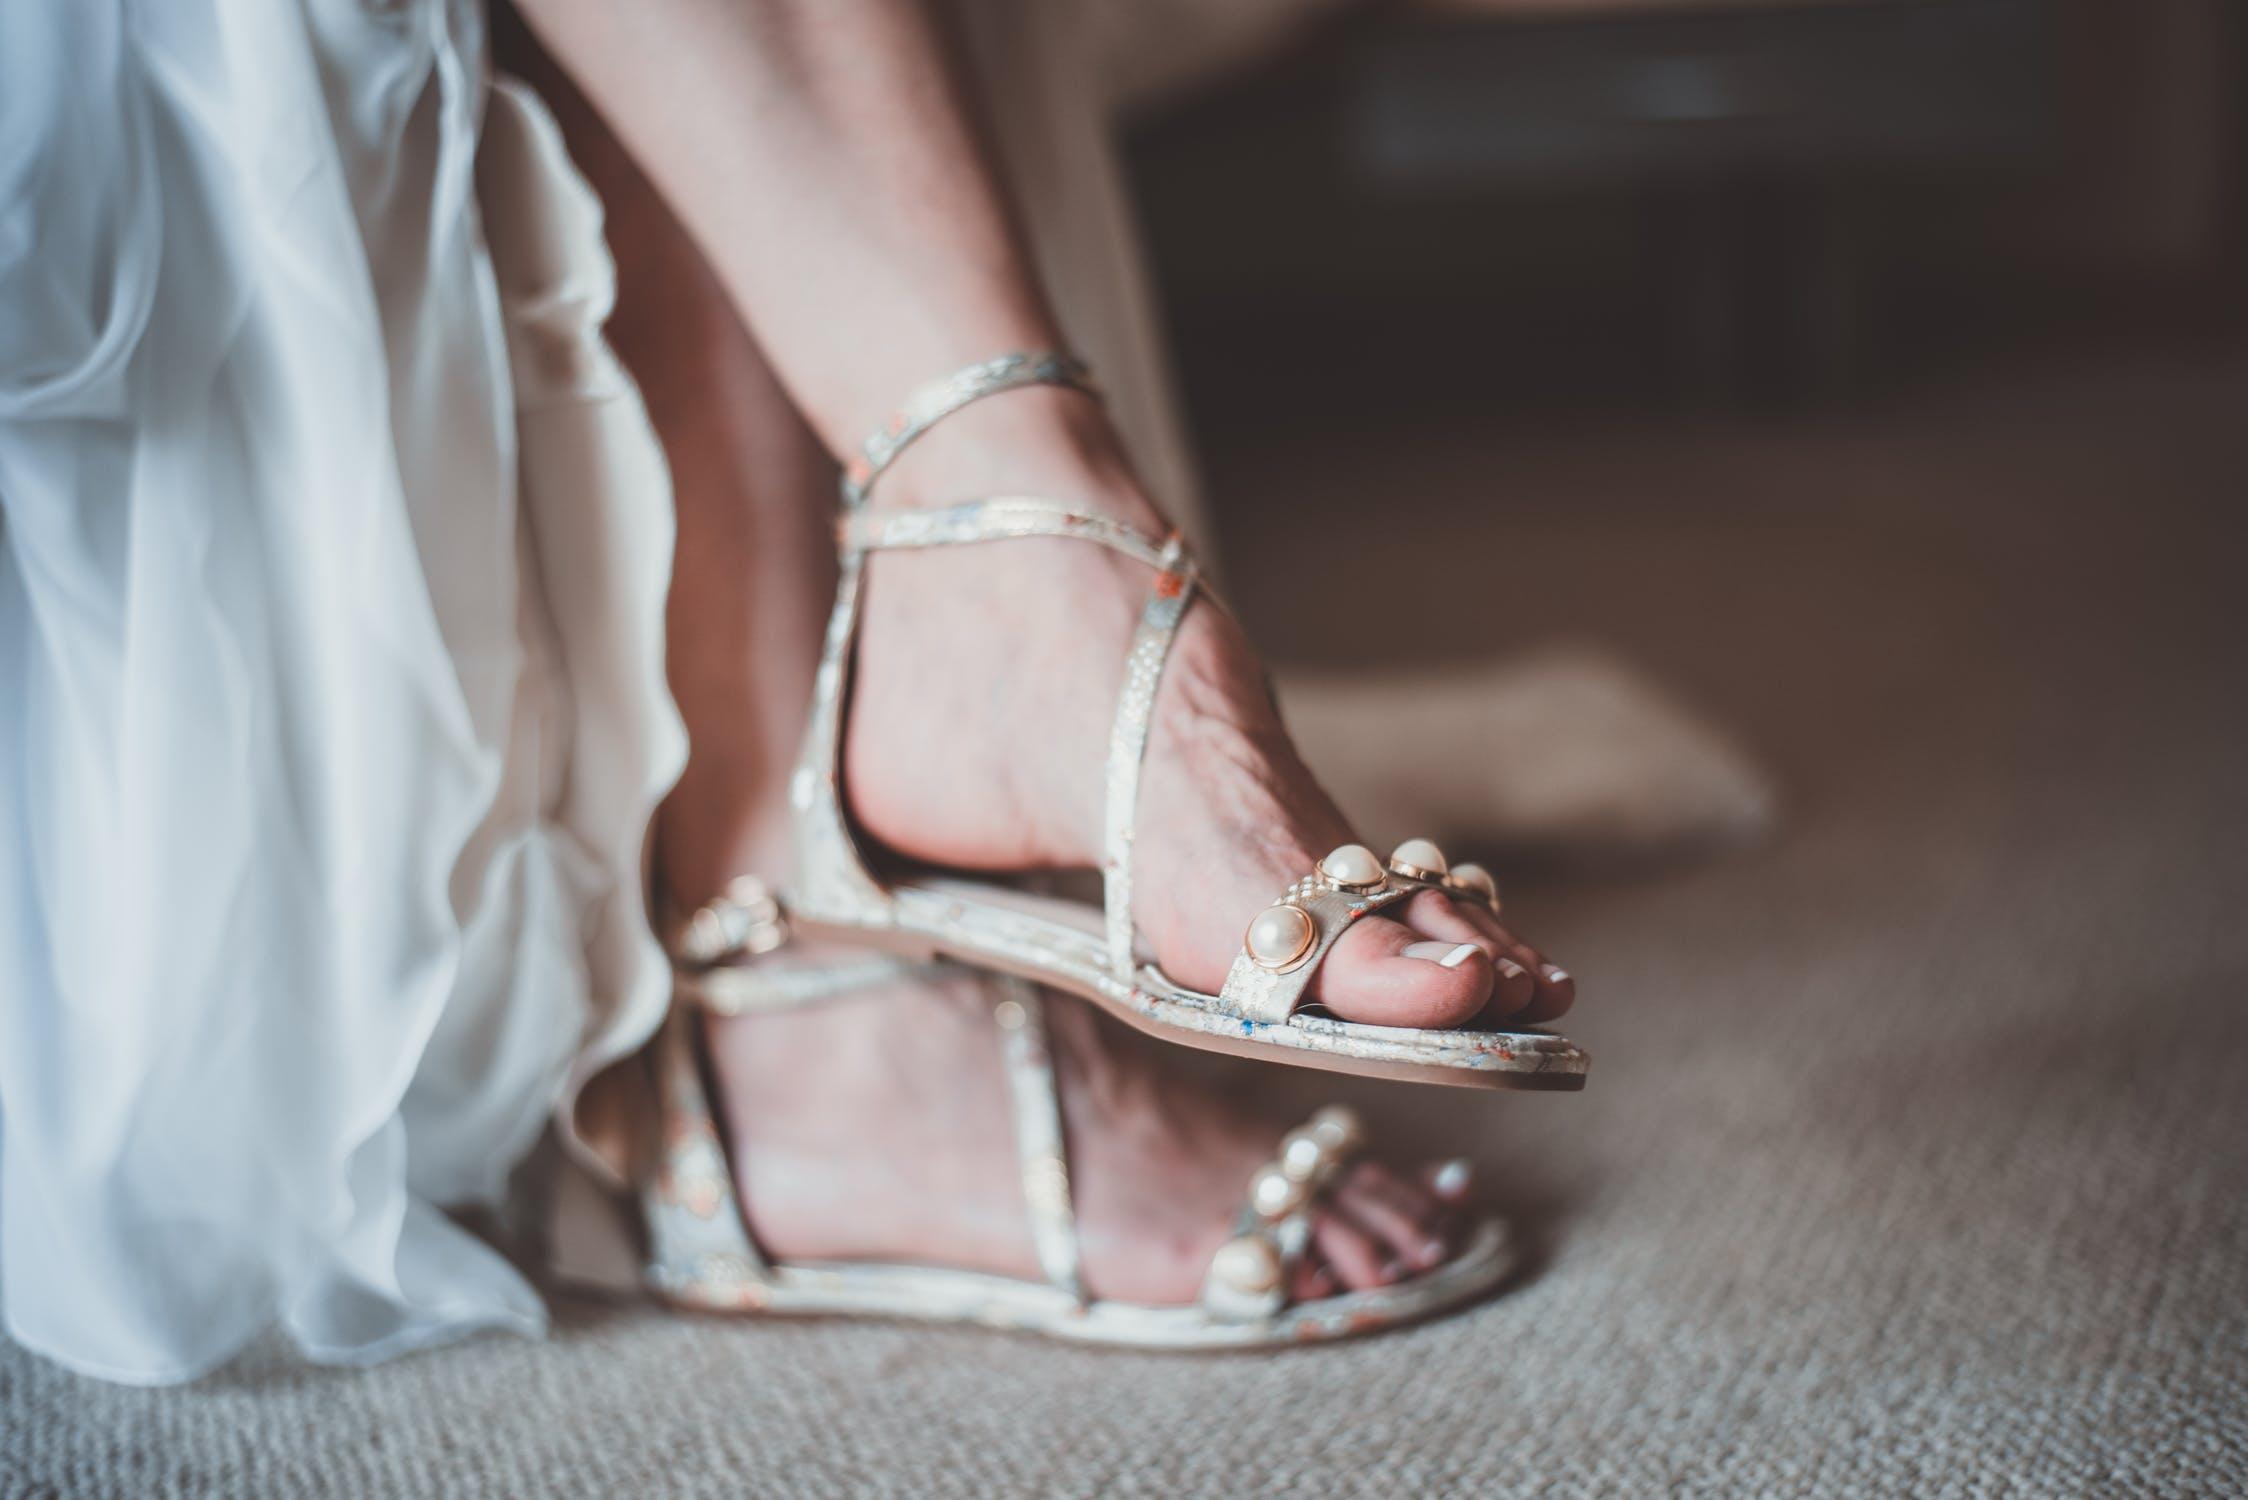 Con estos consejos lograrás lucir una mejor apariencia al usar zapatos abiertos.